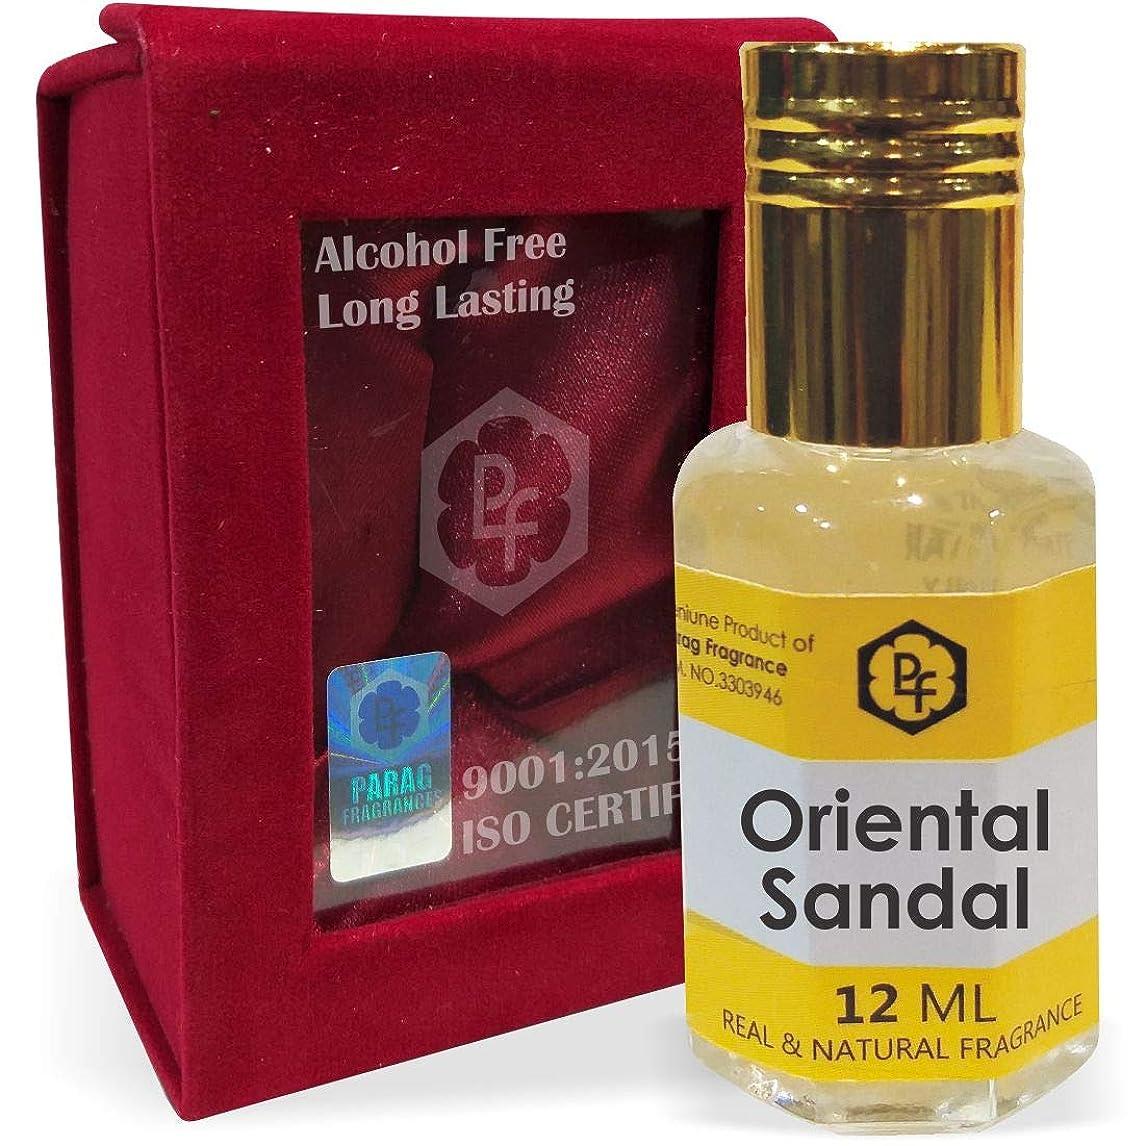 ホール援助改修Paragフレグランスオリエンタル手作りベルベットボックス付サンダル12ミリリットルアター/香水(インドの伝統的なBhapka処理方法により、インド製)オイル/フレグランスオイル|長持ちアターITRA最高の品質